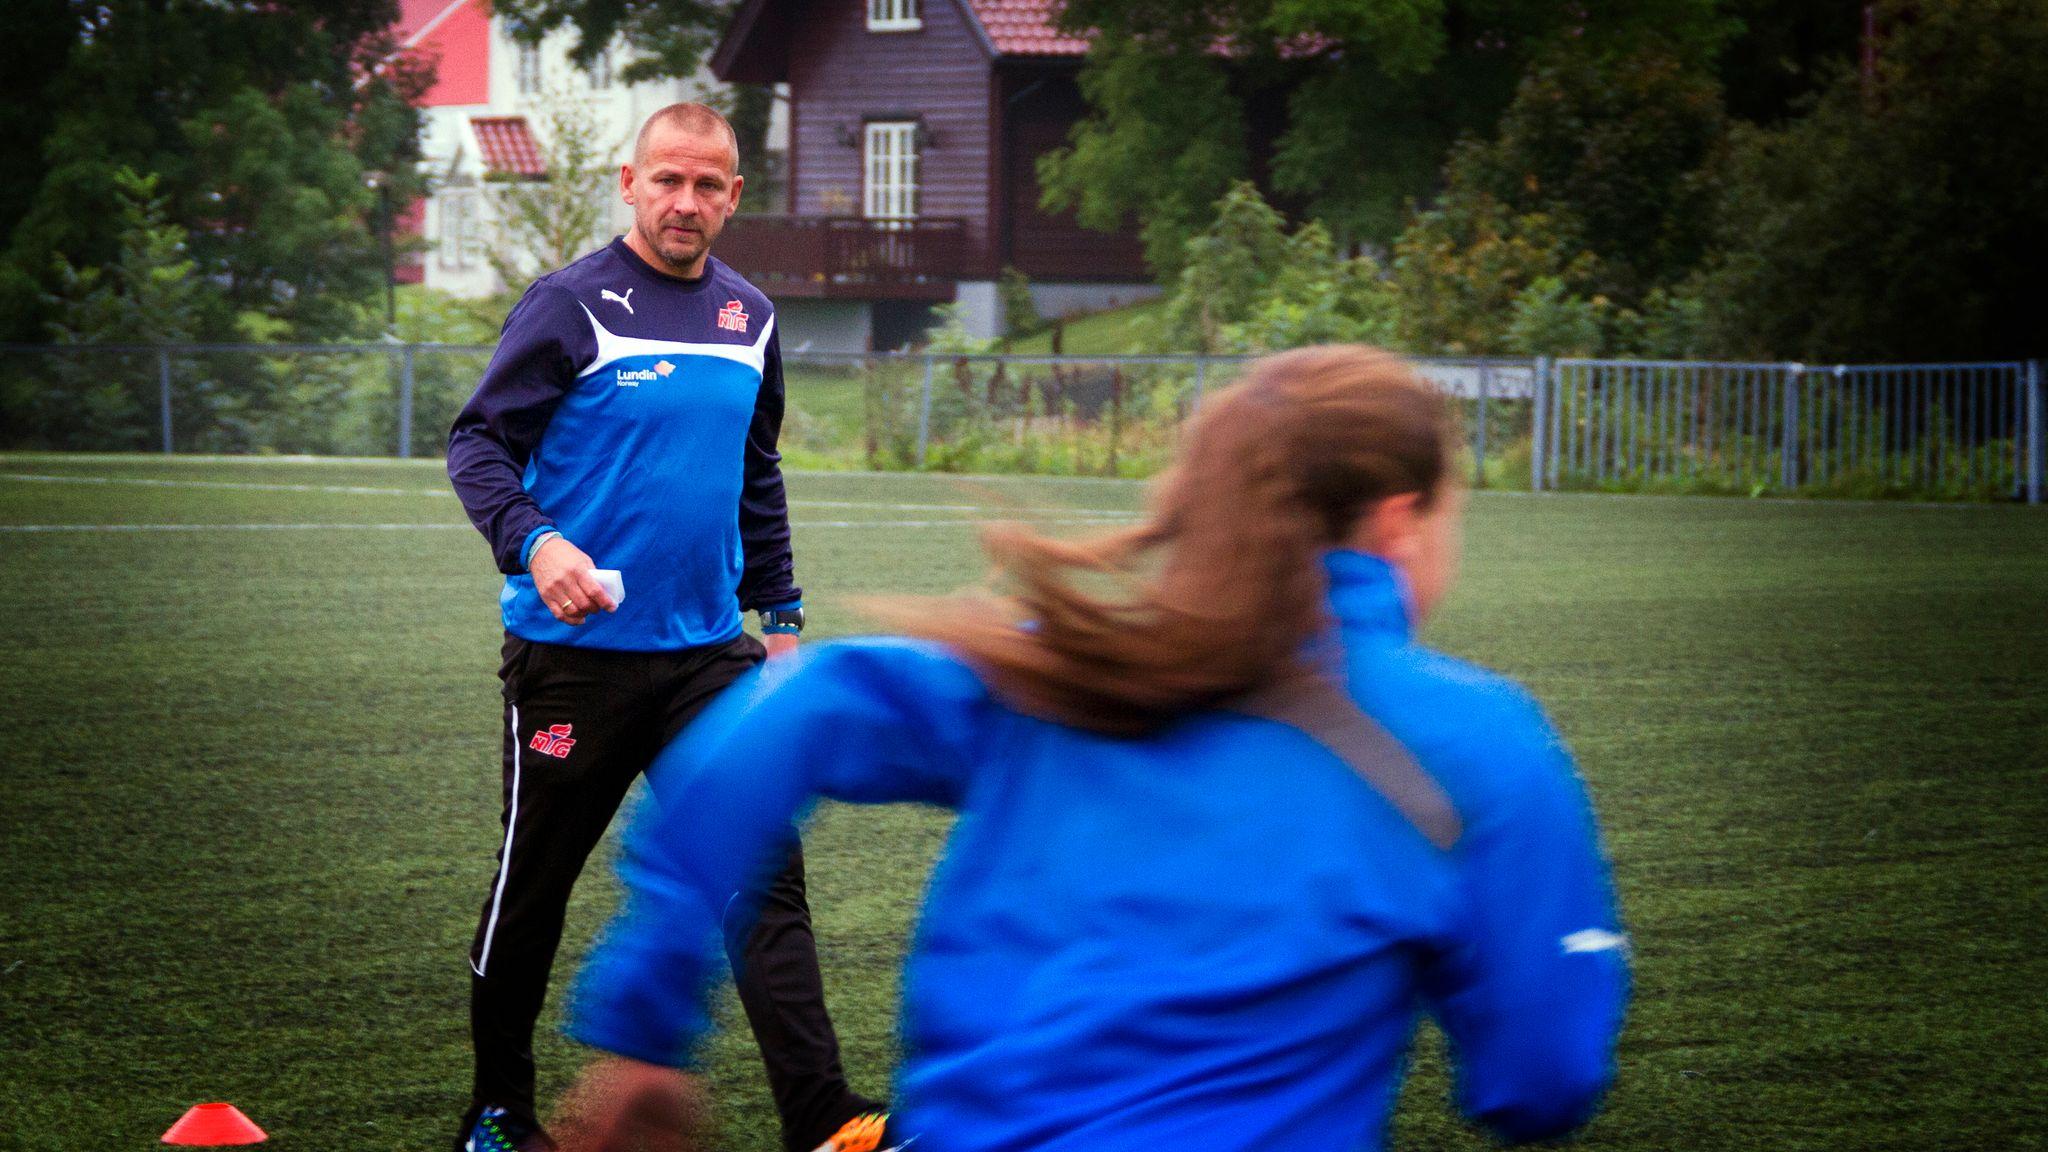 843de89d Viggo Strømme har vært på besøk hos mange fotballklubber i utlandet. Her  under trening med NTG-elever på Hosle i 2014. Pål Wollebæk Jørgensen